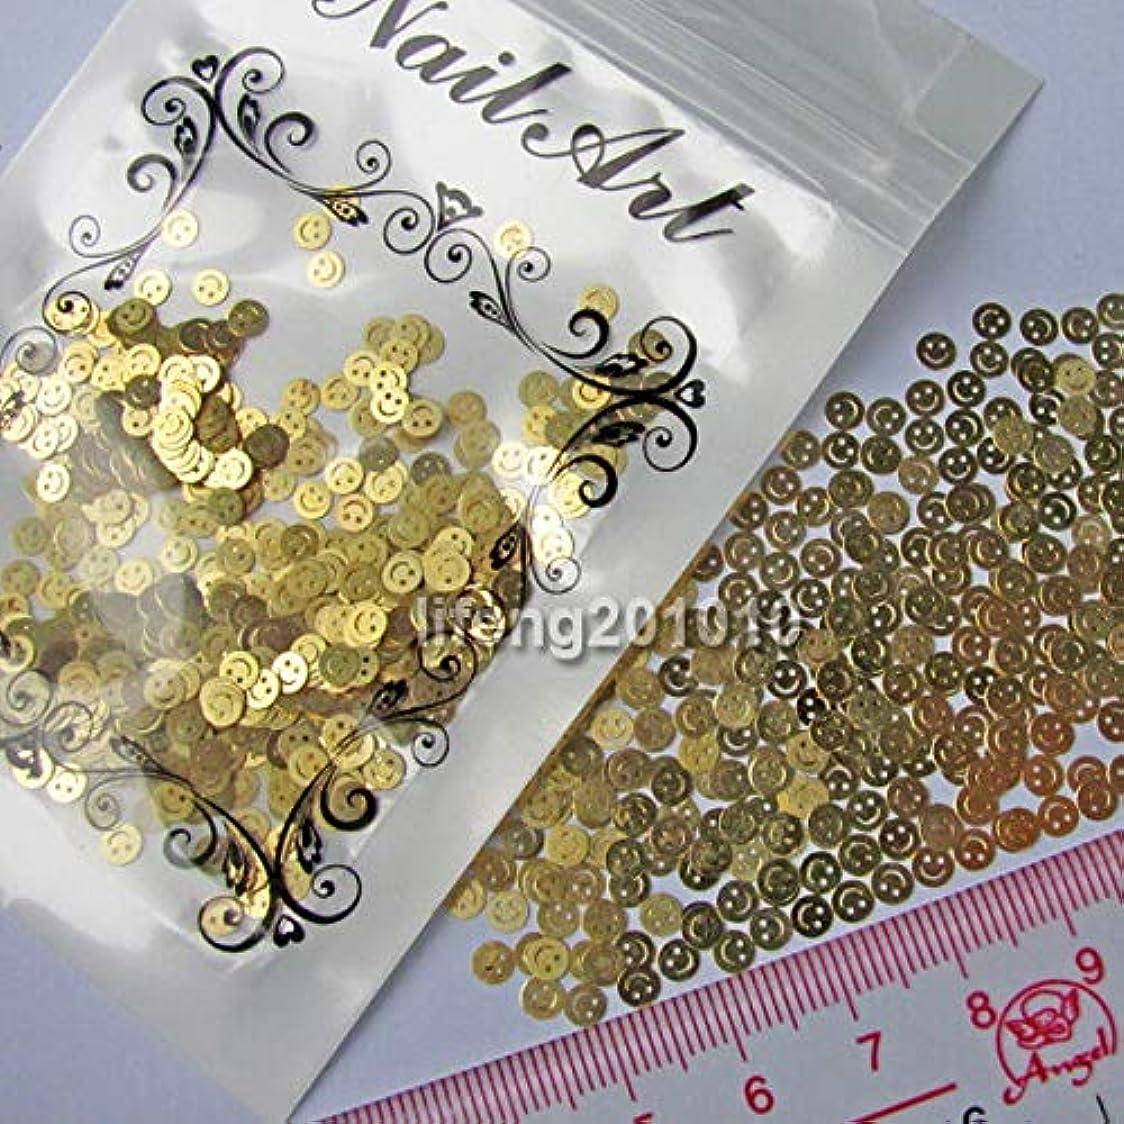 多くの危険がある状況未亡人みなさんFidgetGear ネイルアートの美用具のための金色のスマイリーの金属のステッカーの先端の装飾